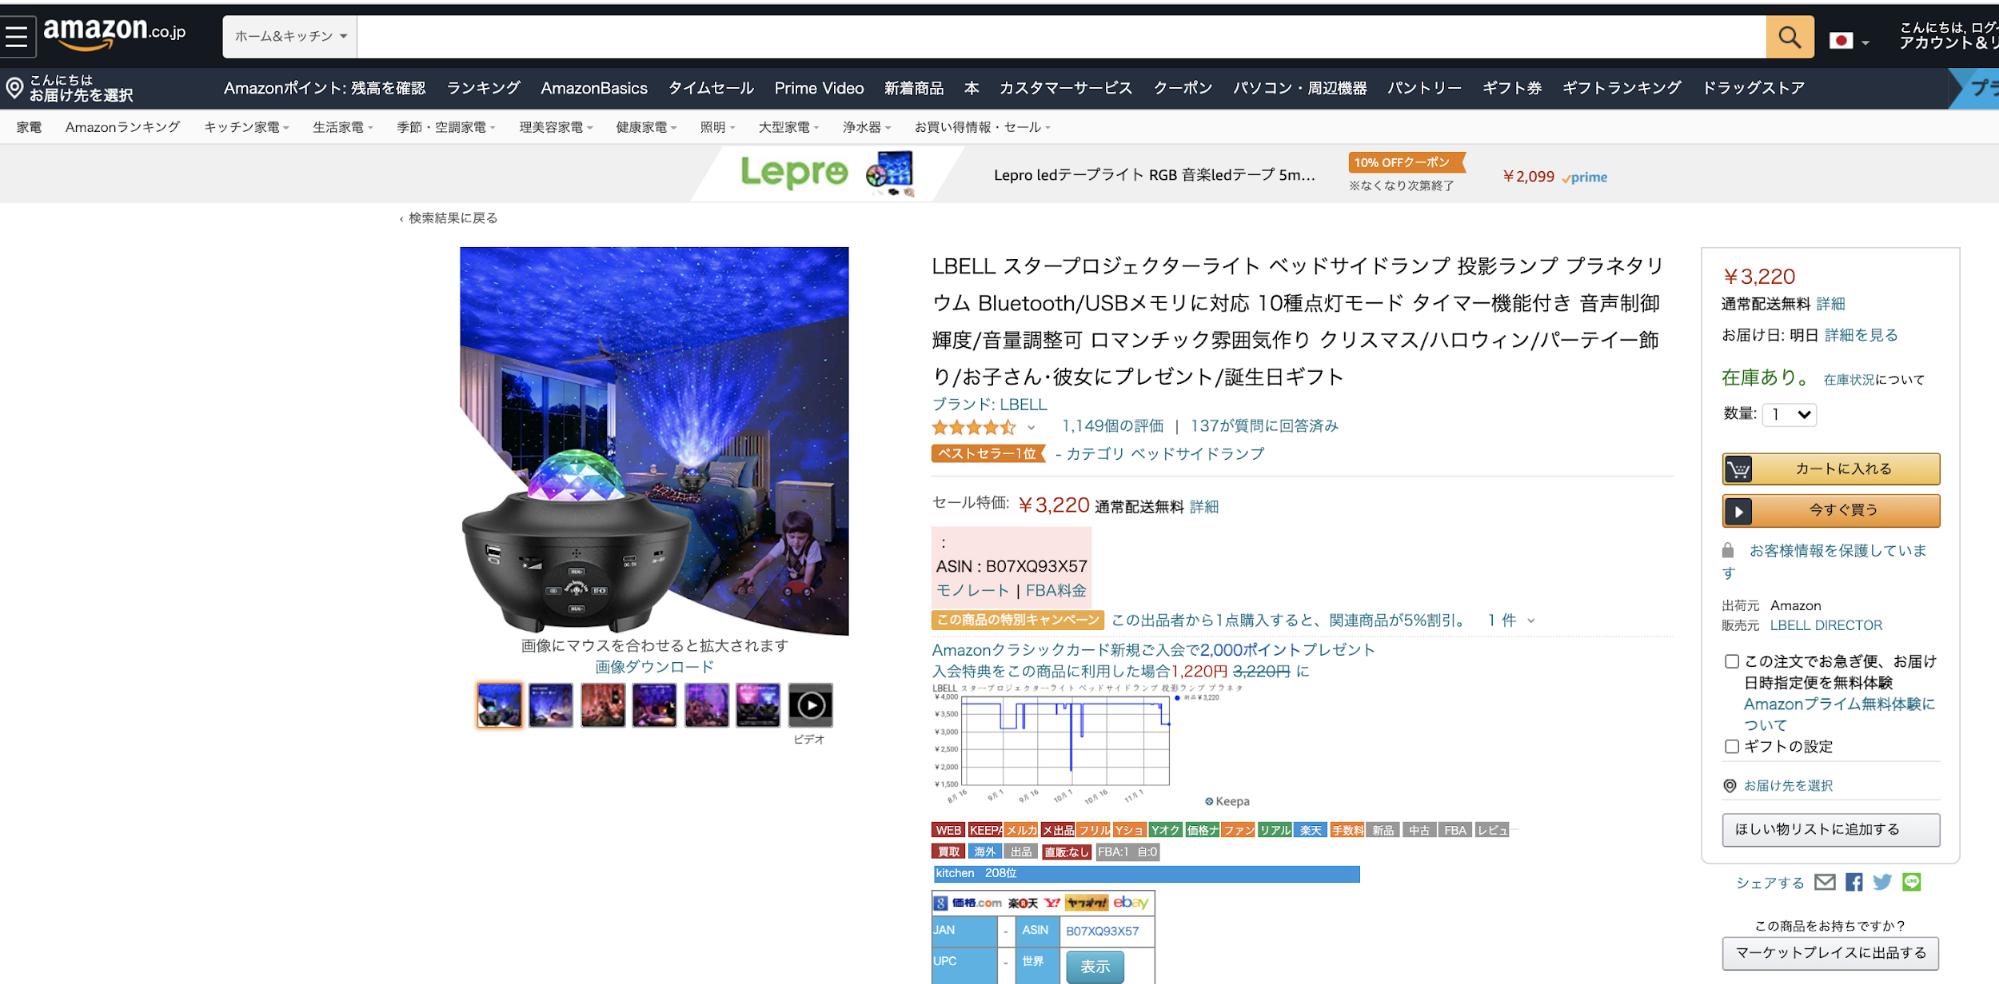 【メルカリでよく売れる商品①】スタープロジェクターライト ベッドサイドランプ